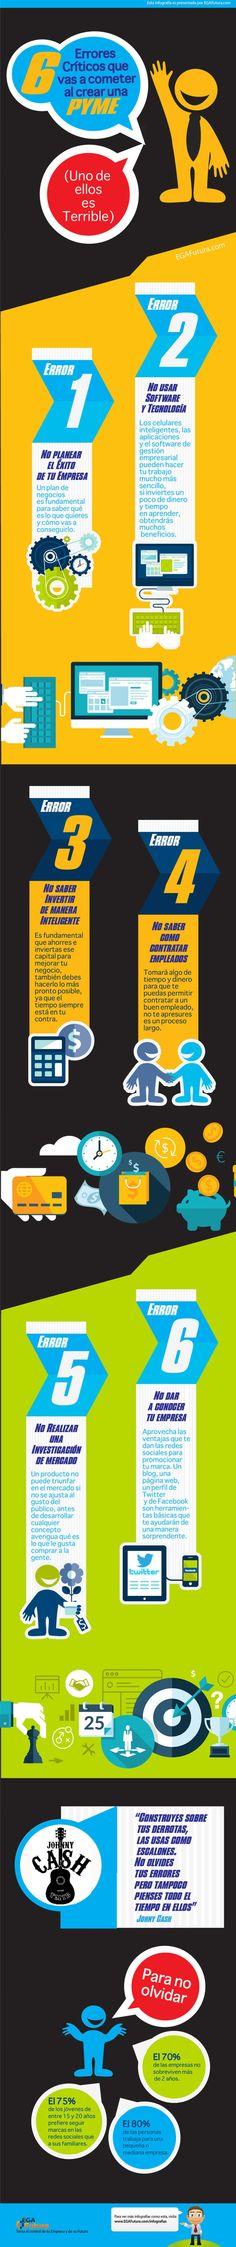 6 errores críticos a la hora de crear una empresa #infografia